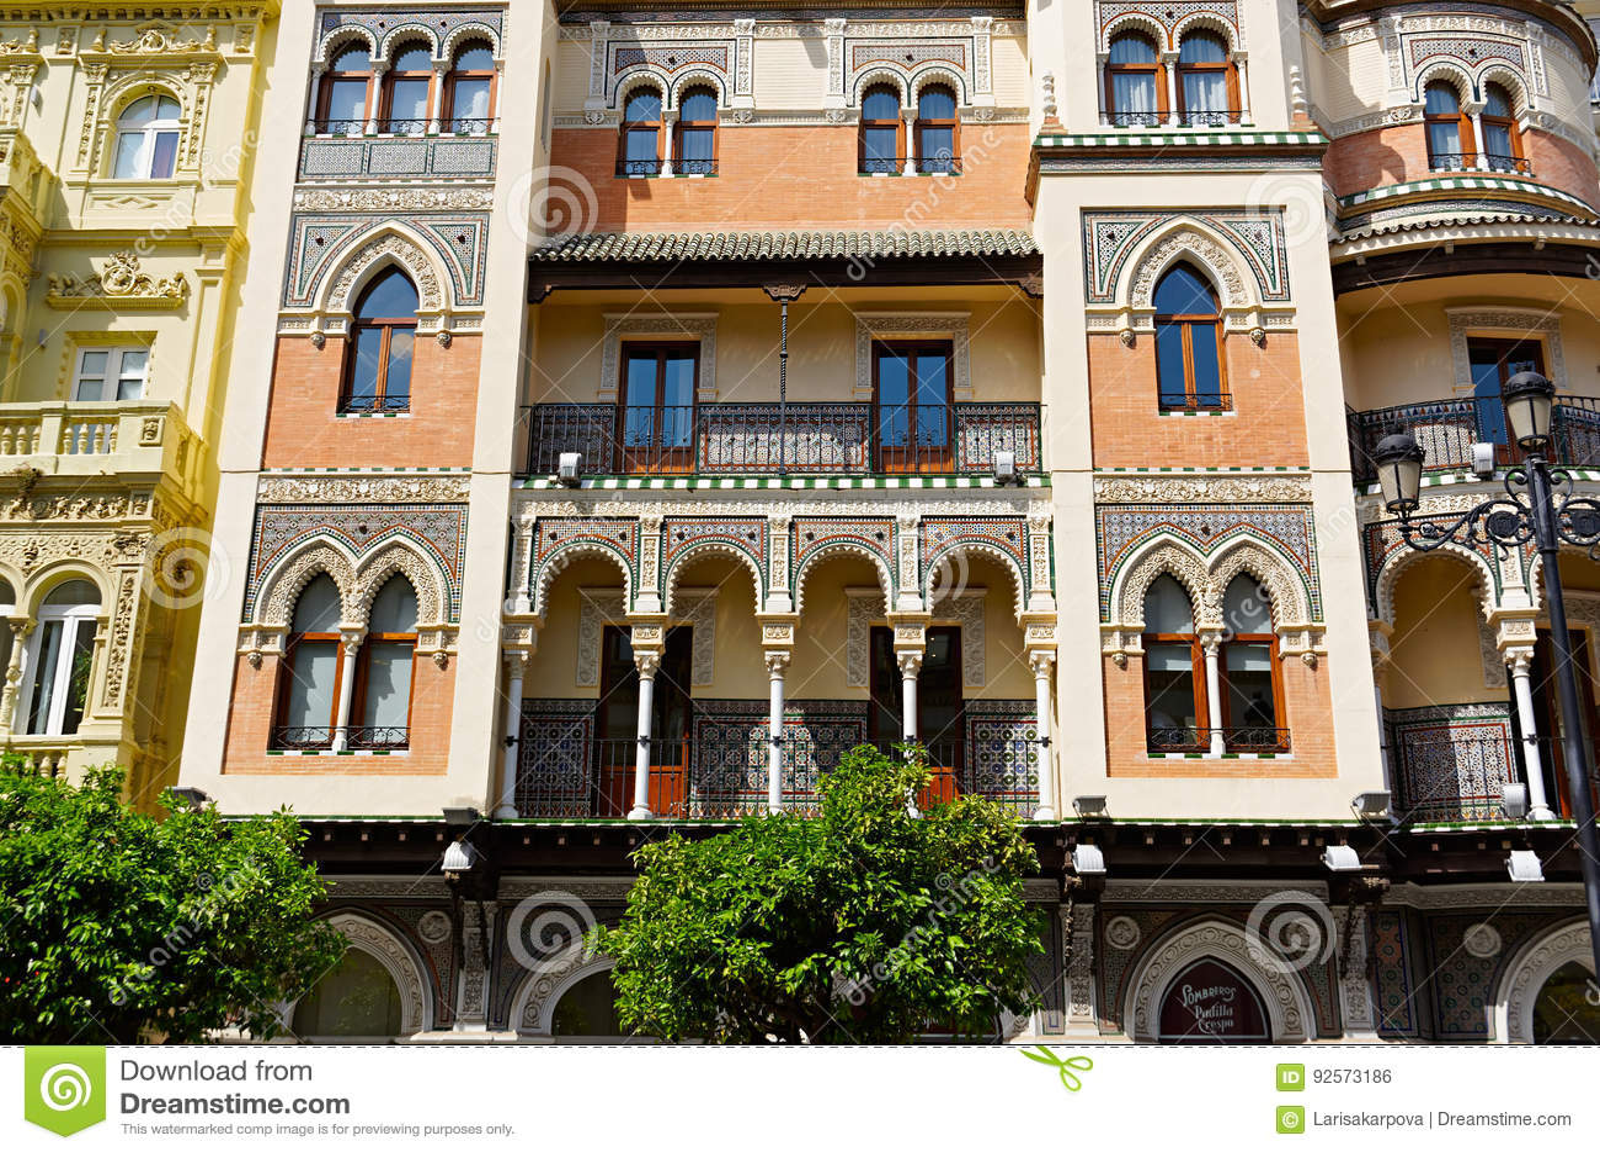 Monumenti storici e monumenti di Siviglia, Spagna Stili architettonici spagnoli di gotico e di Mudejar, barocco